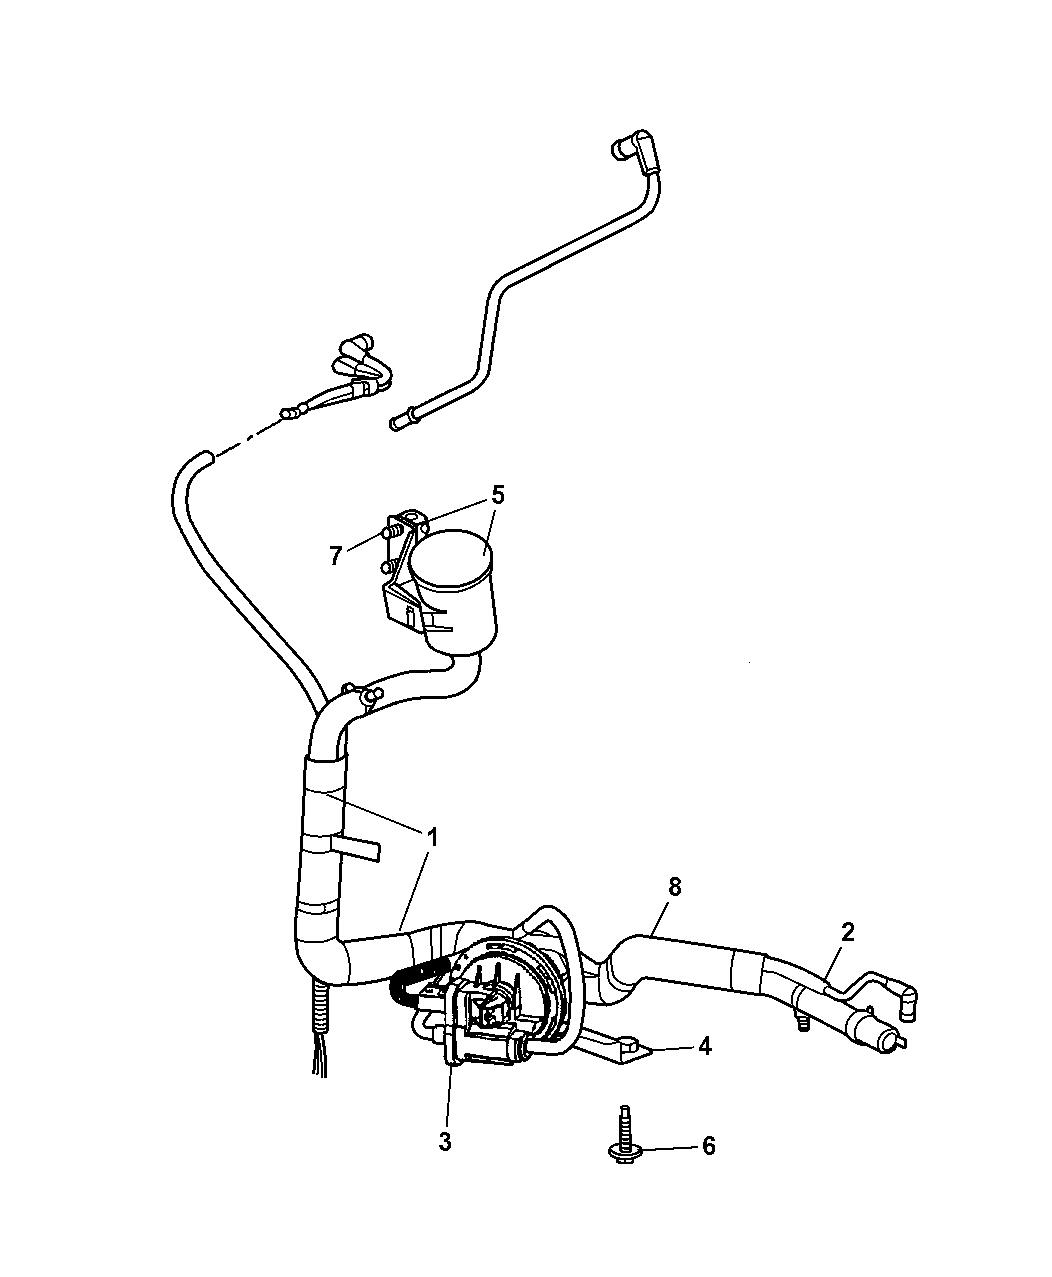 2004 Dodge Grand Caravan Leak Detection Pump Mopar Parts Giant Engine Schematics